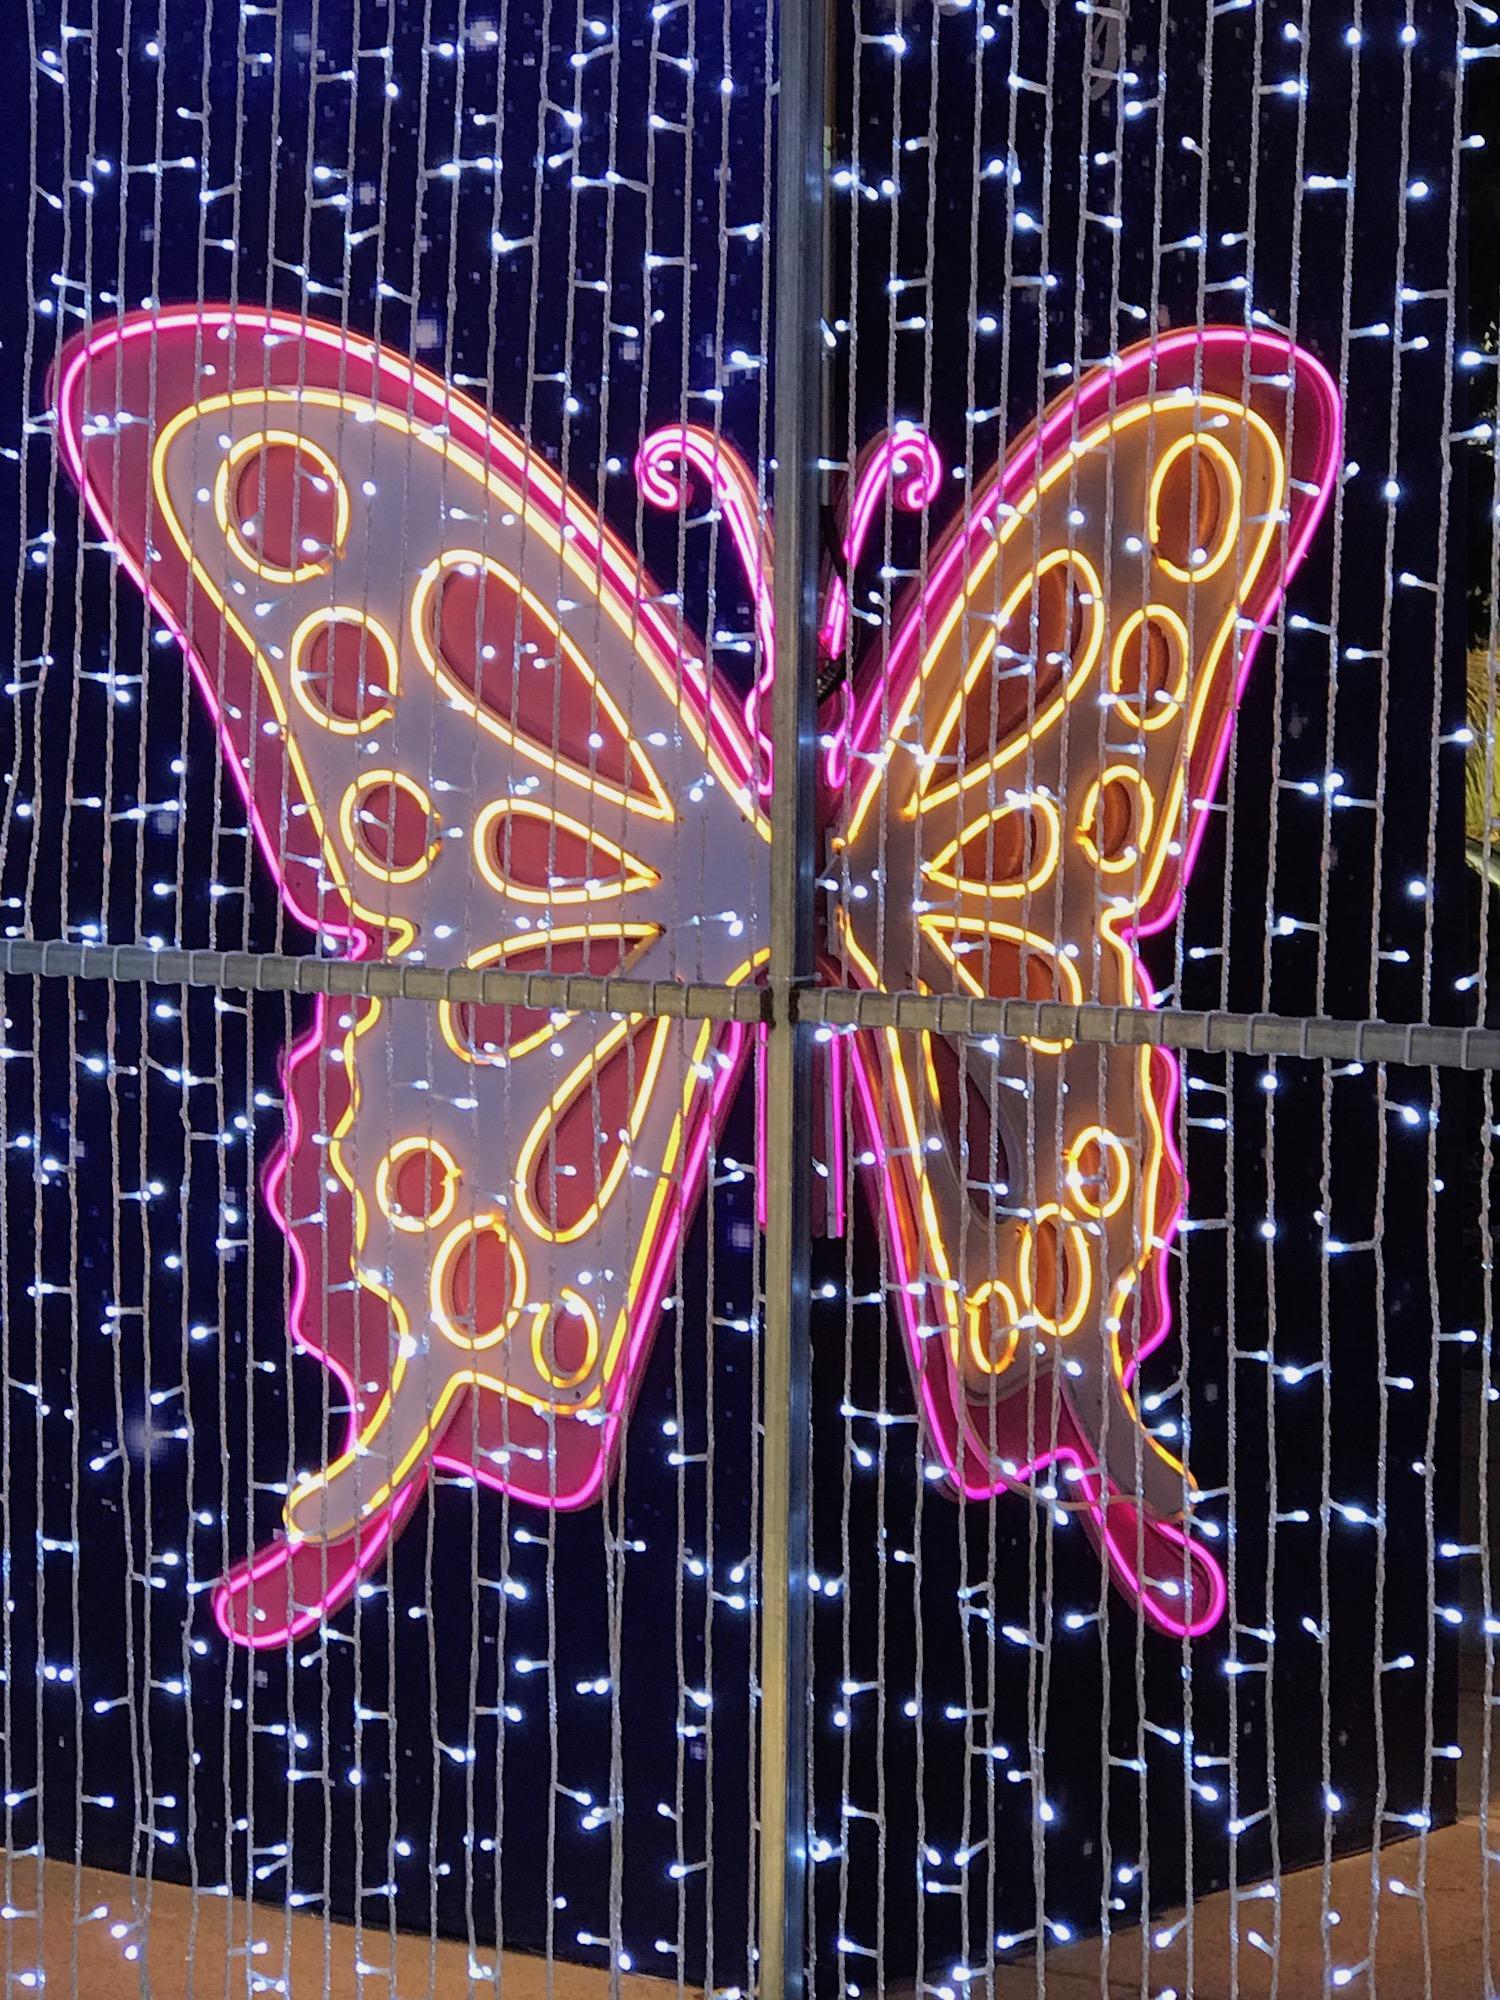 Juanele combinó 300 perlas blancas (las más difíciles de conseguir en los mercados groenlandeses) sobre un fondo de mariposa celta, cuyas connotaciones, según comenta, reviven el glorioso pasado espiritual de las tribus de sus antepasados.